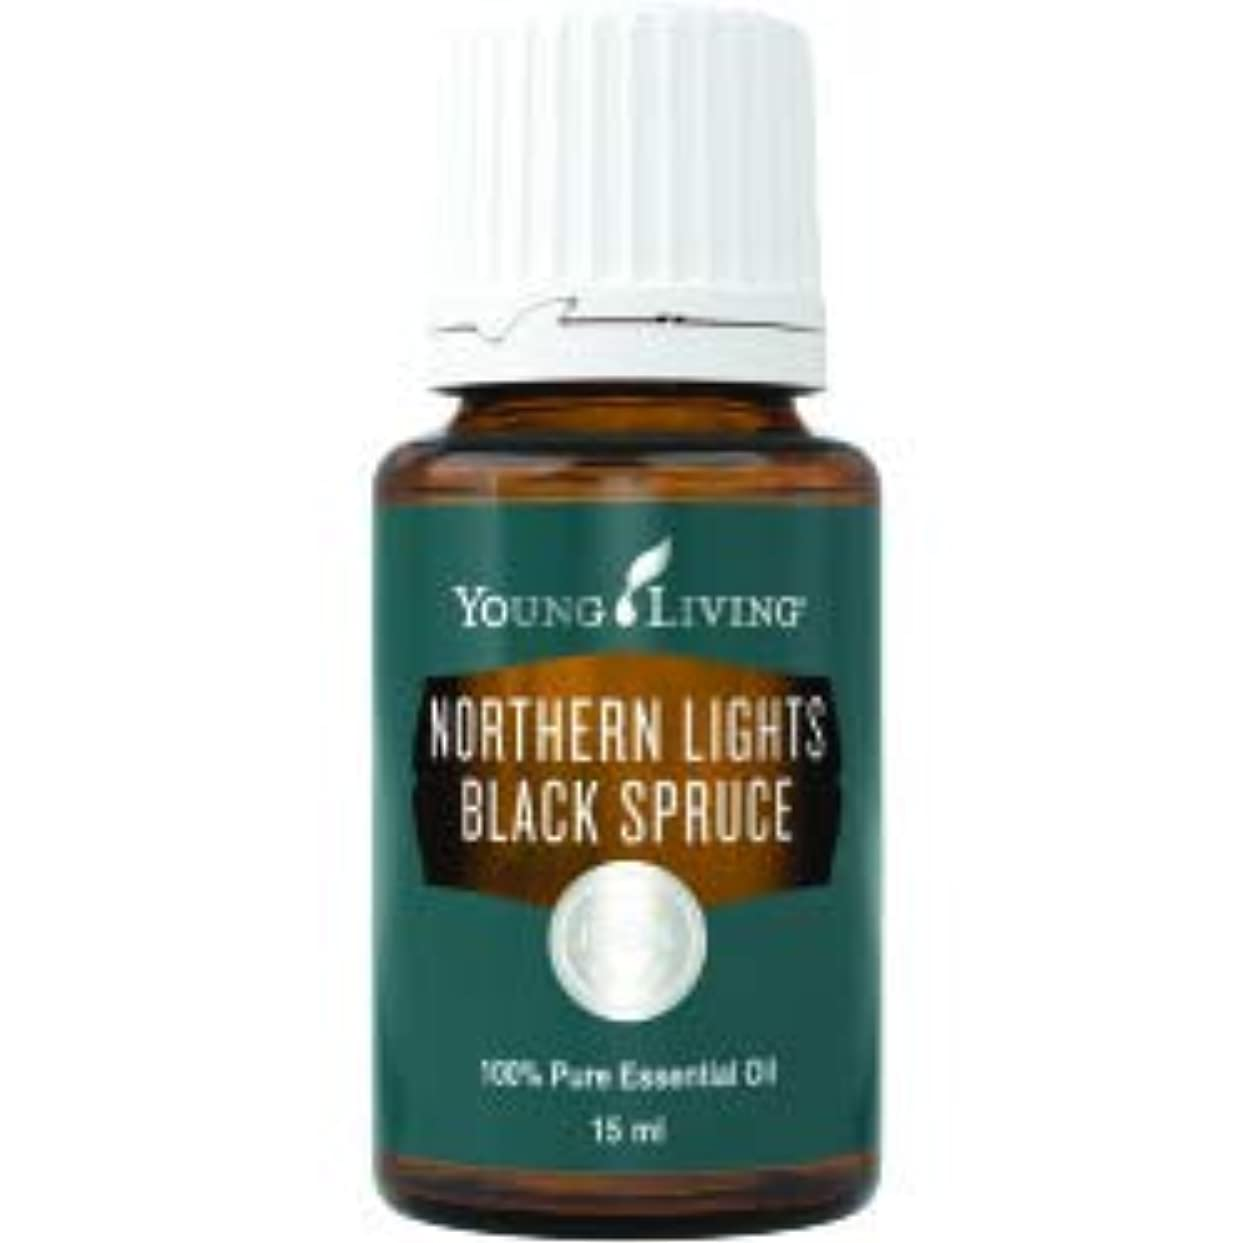 マーケティング機関休眠ノーザンライツブラックスプルースエッセンシャルオイル15ml byヤングリビングエッセンシャルオイルマレーシア Northern Lights Black Spruce Essential Oil 15ml by Young...